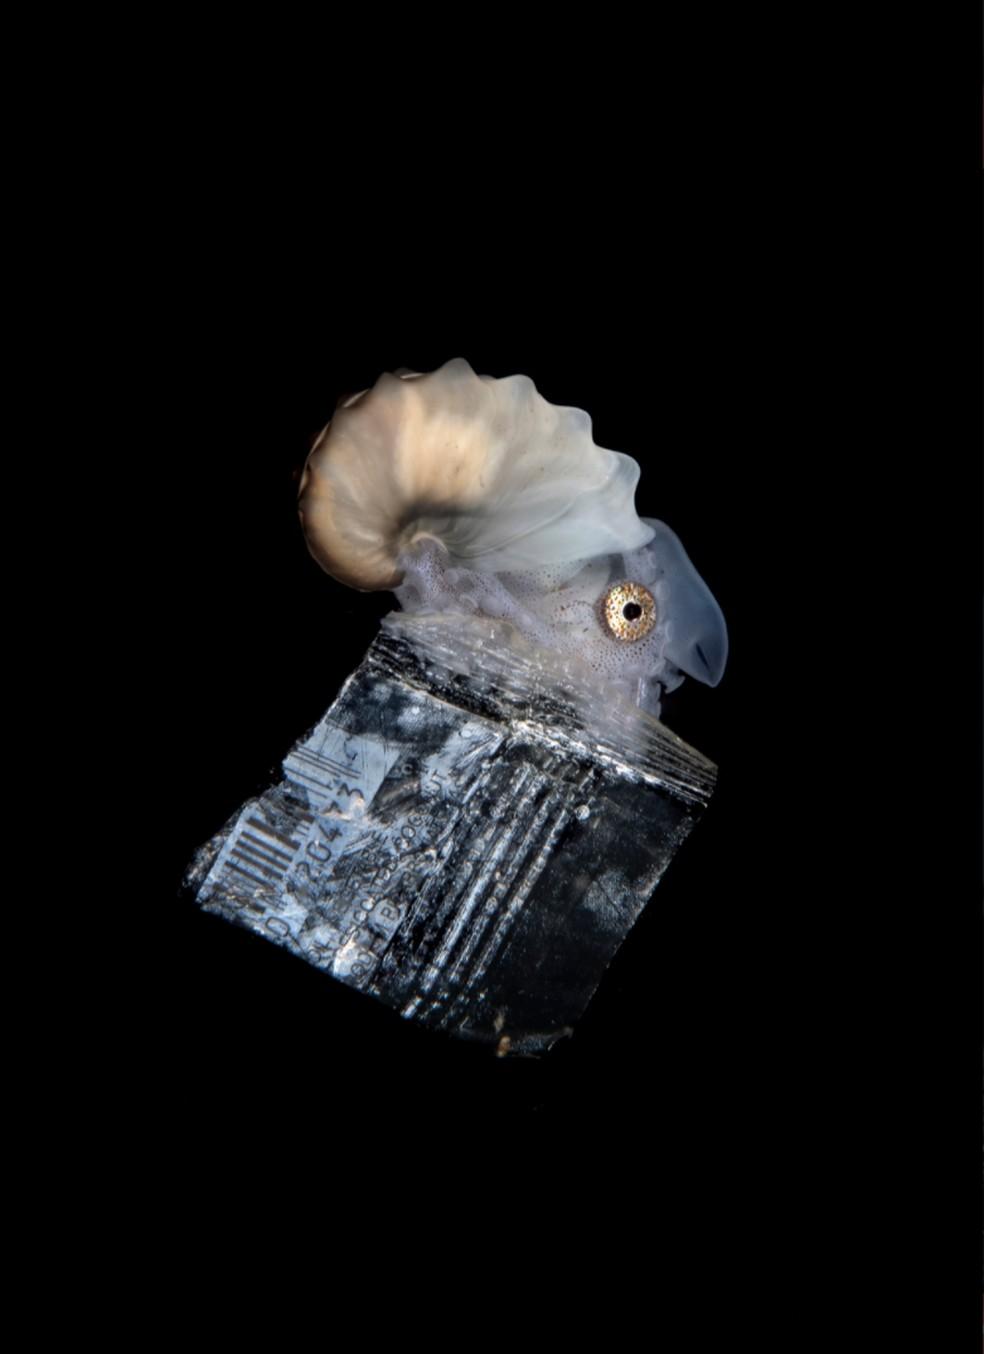 Um molusco flutua sobre um pedaço de lixo. Imagem ganhou o 3° lugar na premiação sobre fotografia da vida marinha — Foto: Ocean Photography Awards   Steven Kovacs